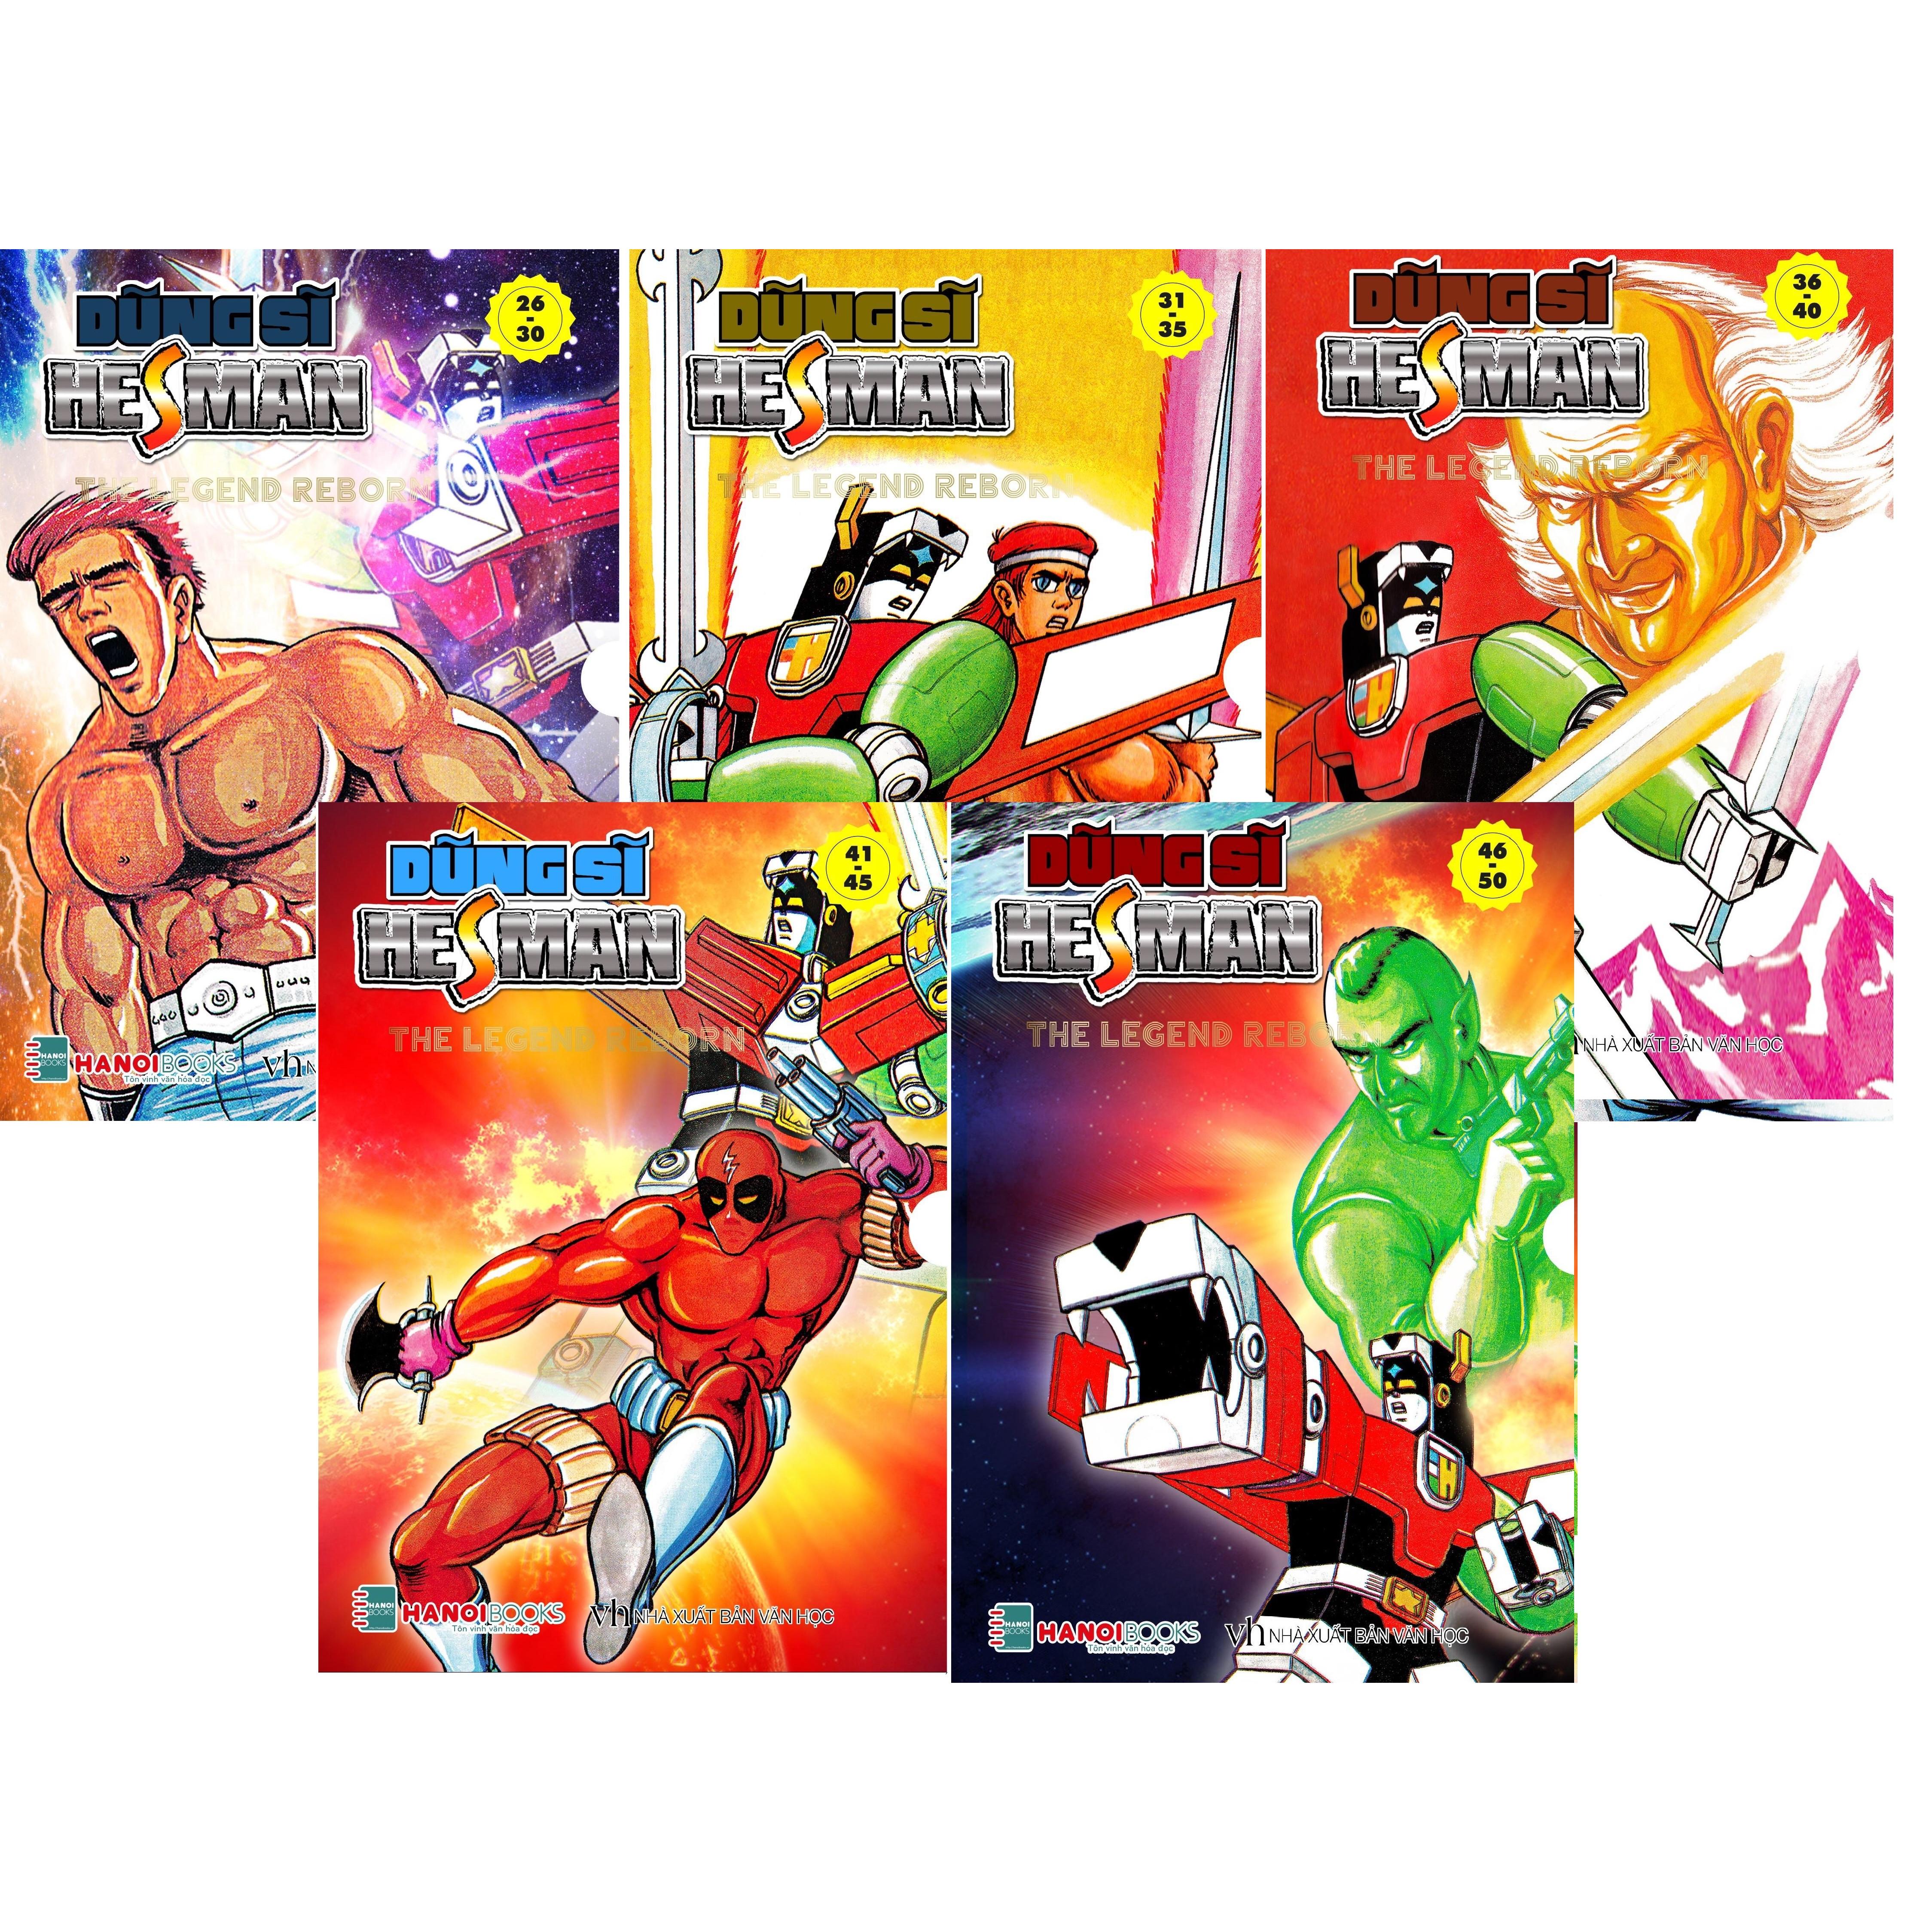 Dũng sĩ Hesman - Combo 5 Box 6,7,8,9,10 (từ tập 26-50)